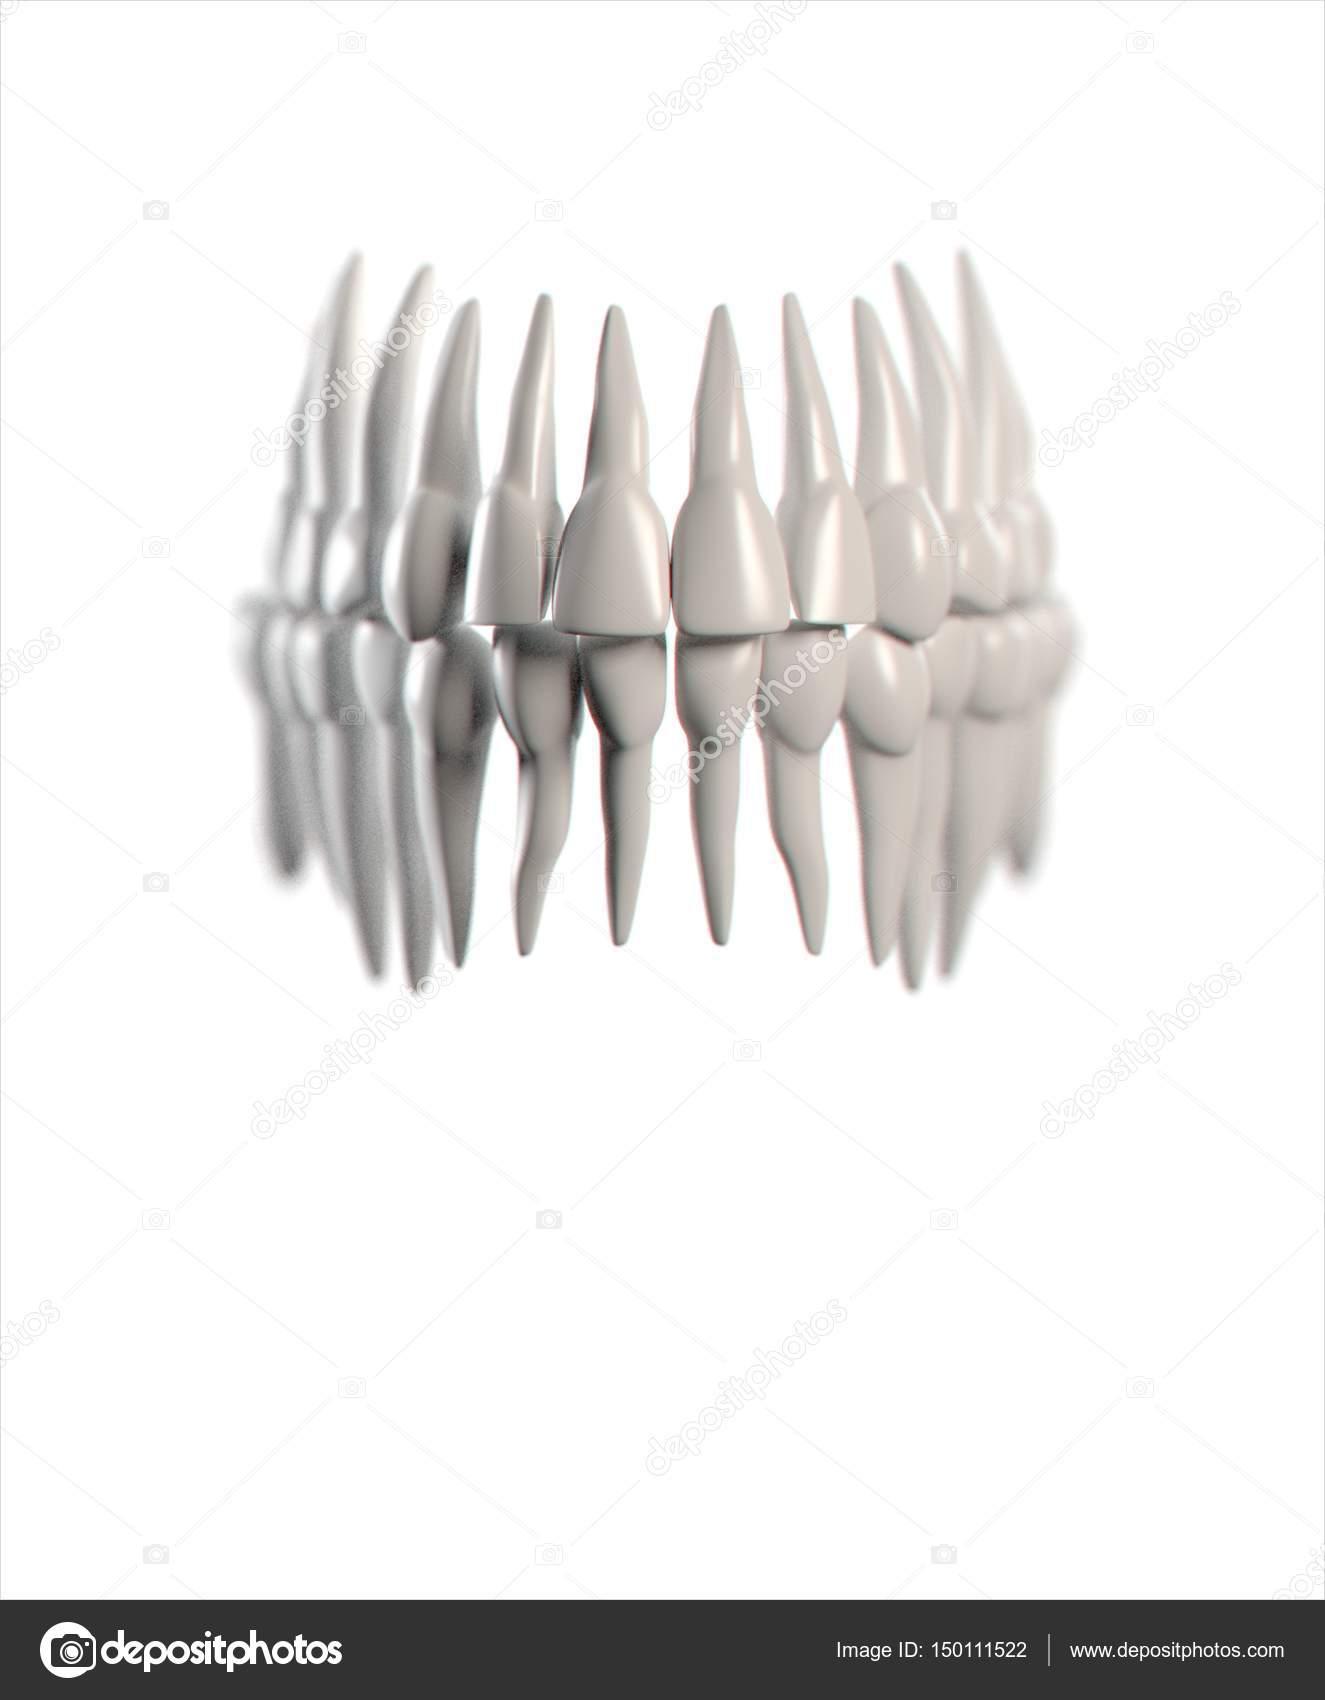 Human Teeth Anatomy Model Stock Photo Anatomyinsider 150111522